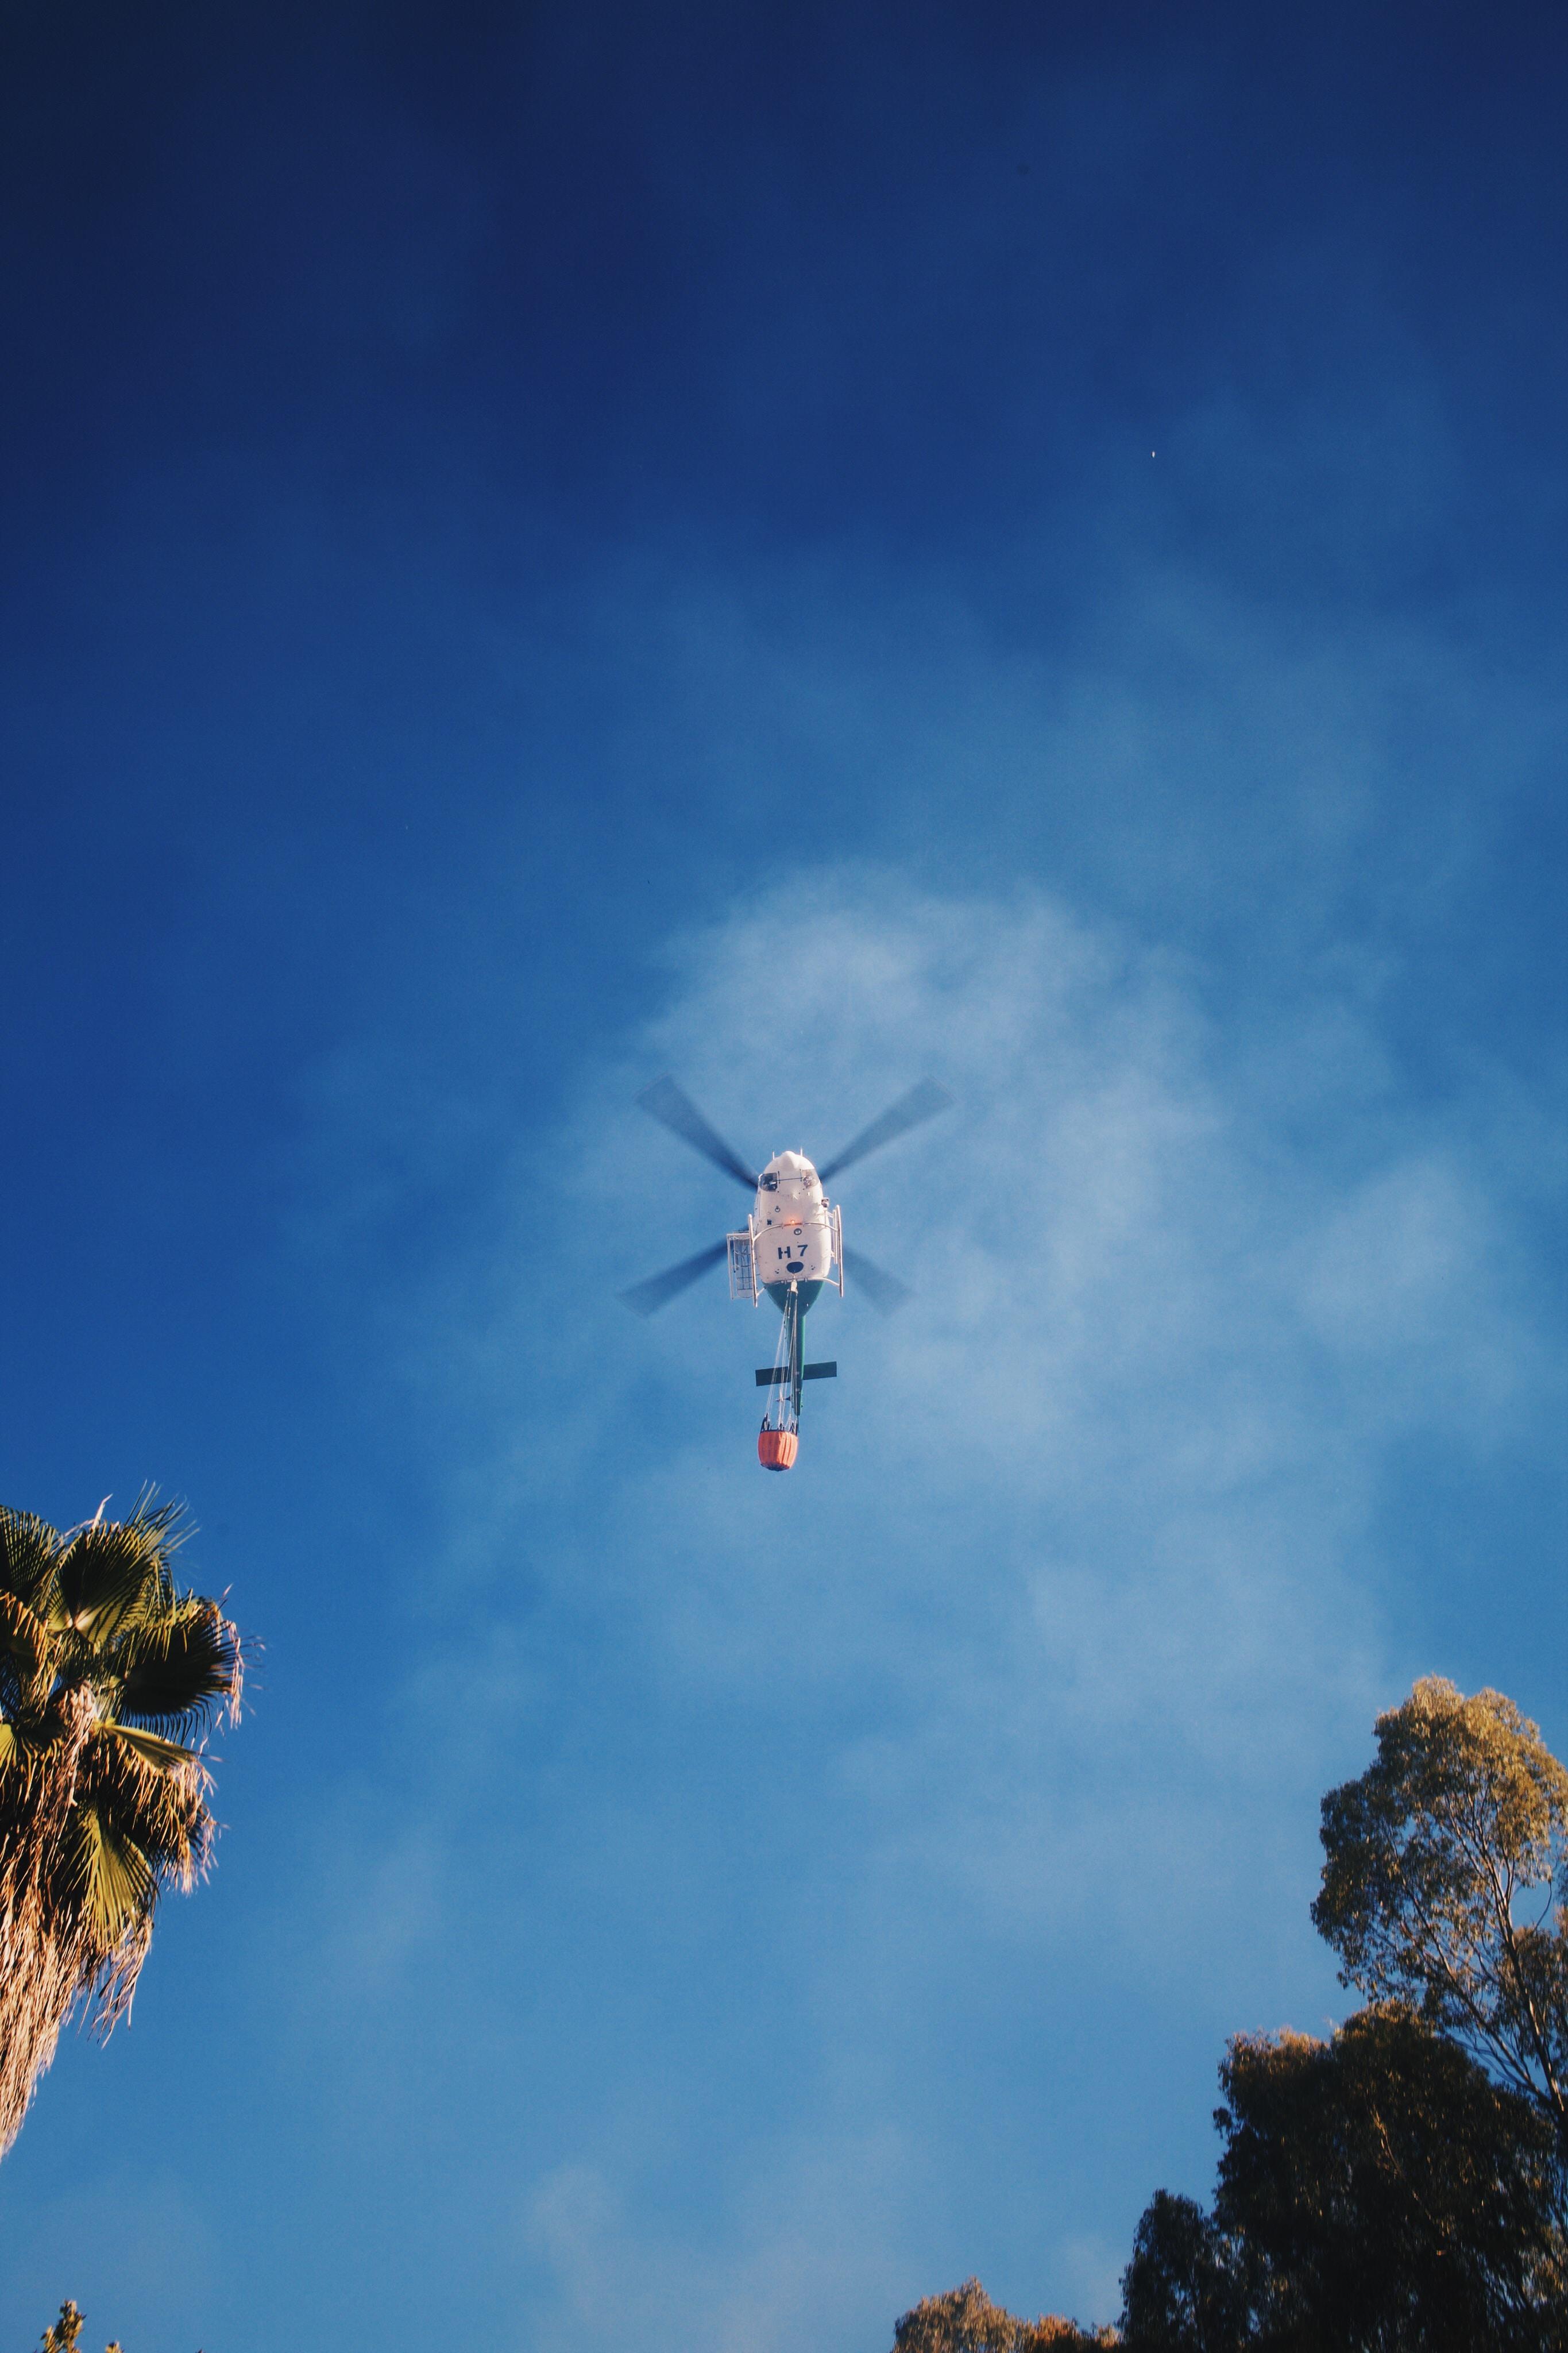 102544 Hintergrundbild herunterladen Sky, Hubschrauber, Verschiedenes, Sonstige, Flug, Wolke, Cloud - Bildschirmschoner und Bilder kostenlos